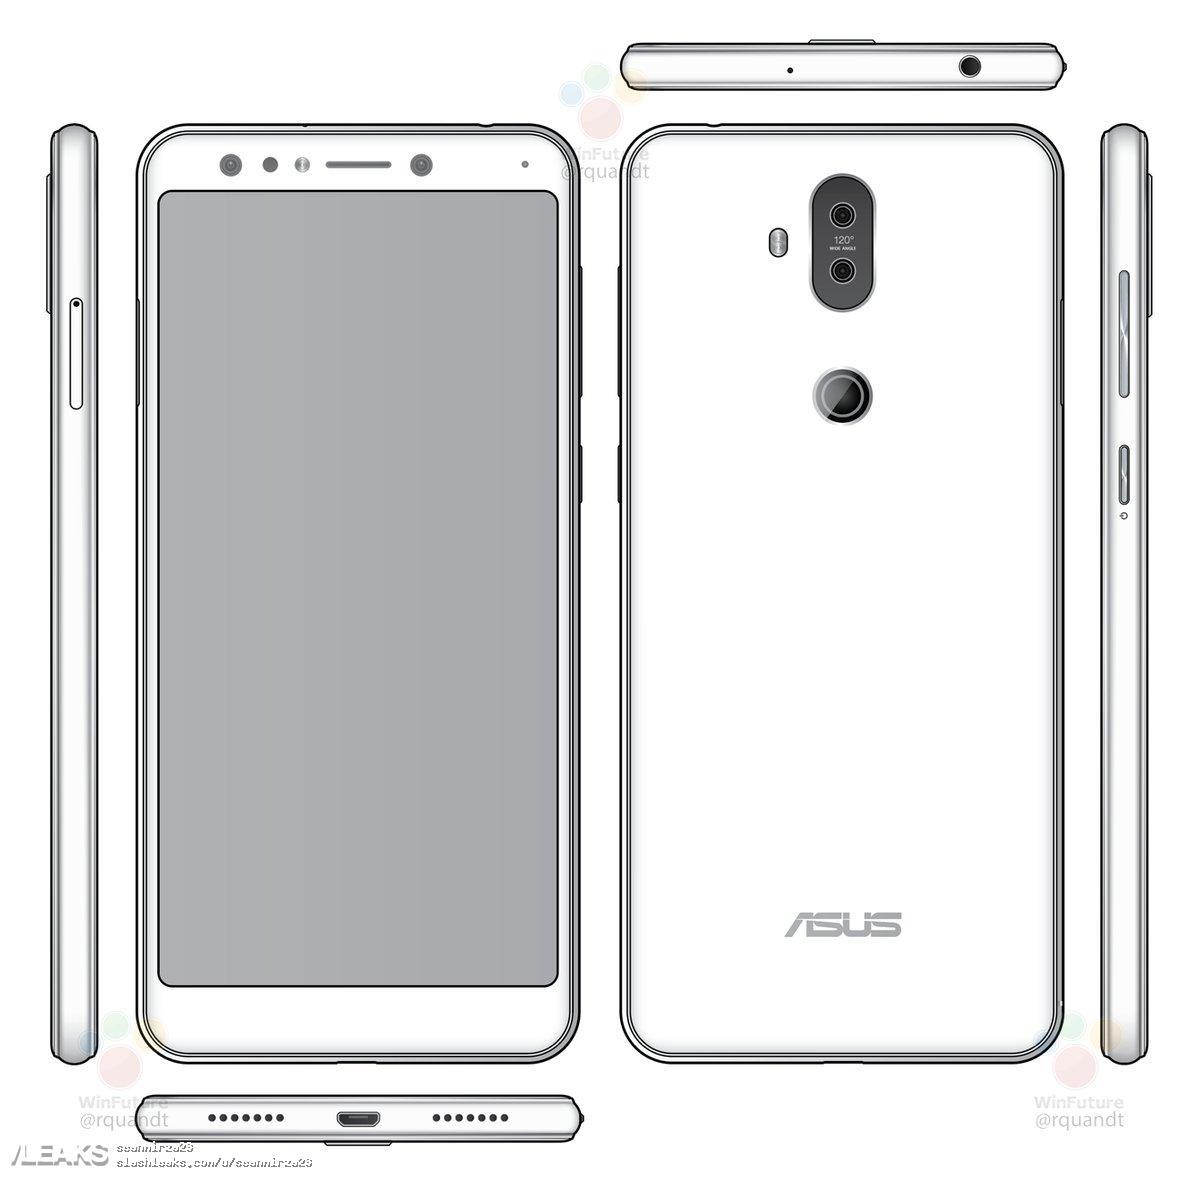 img ASUS ZenFone 5 Lite (ZC600KL/X017DA) render leaked